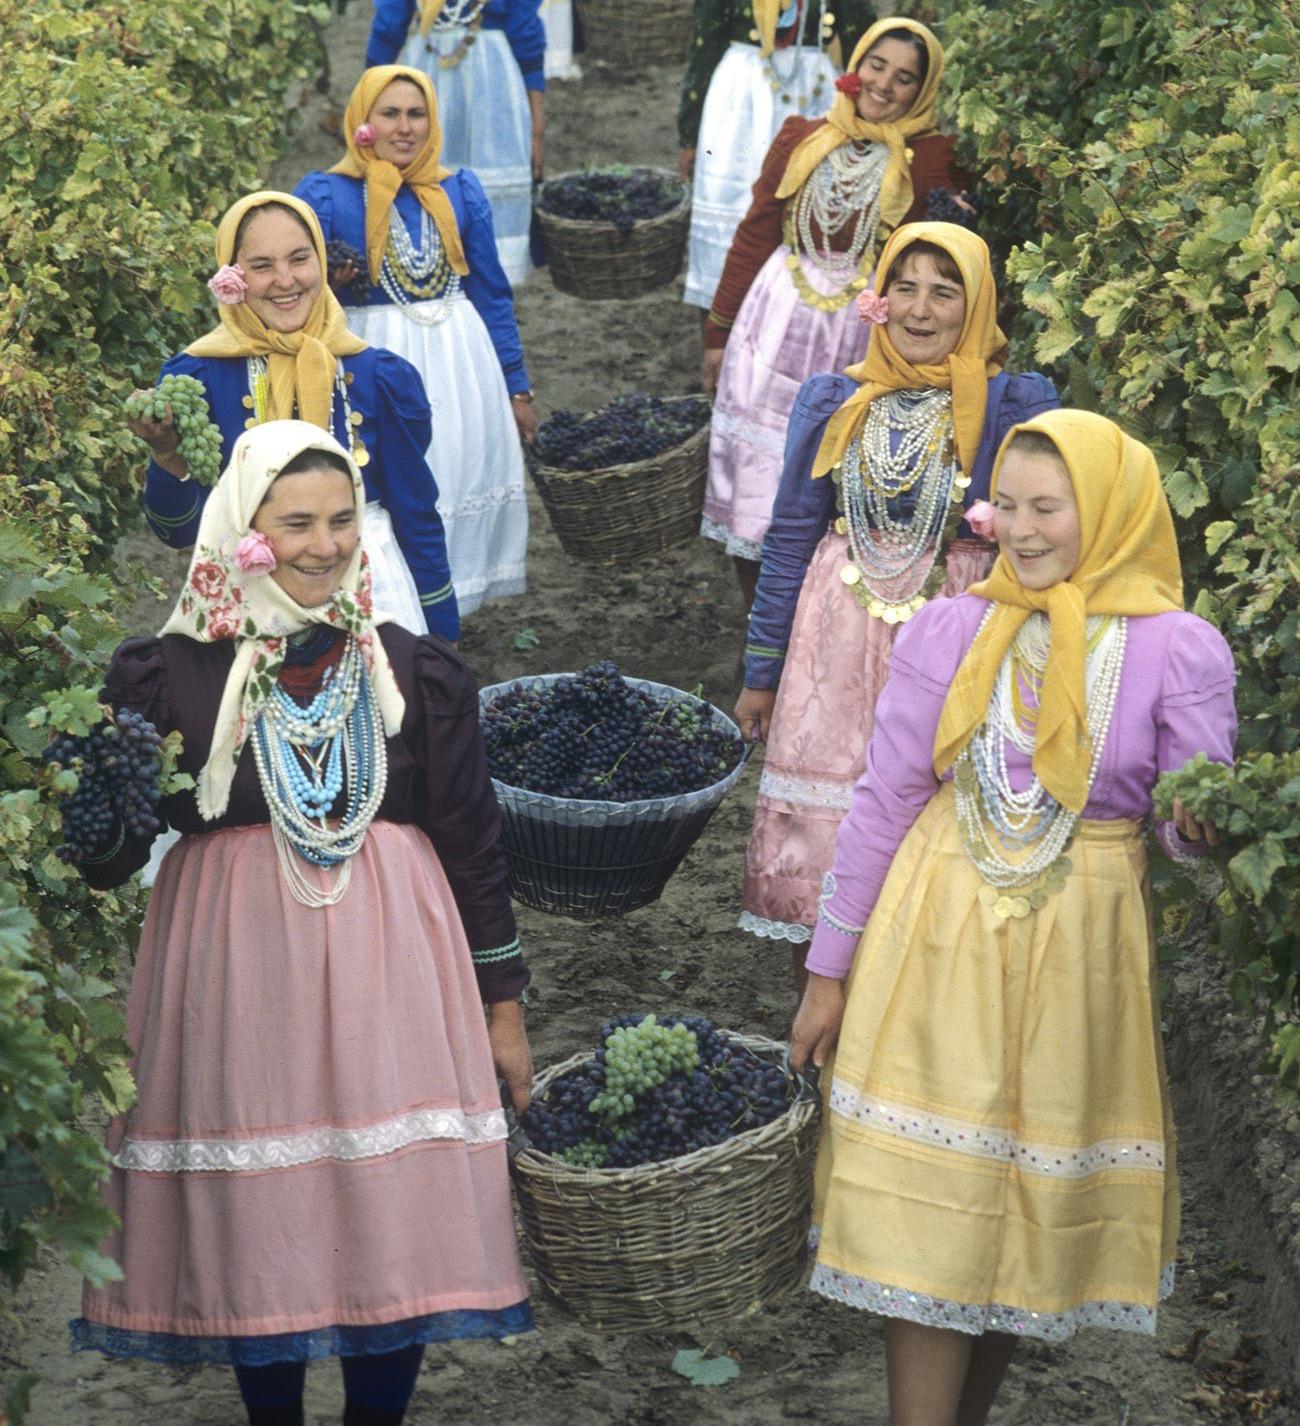 Colheita de uva em uma vila da Moldávia, 1982